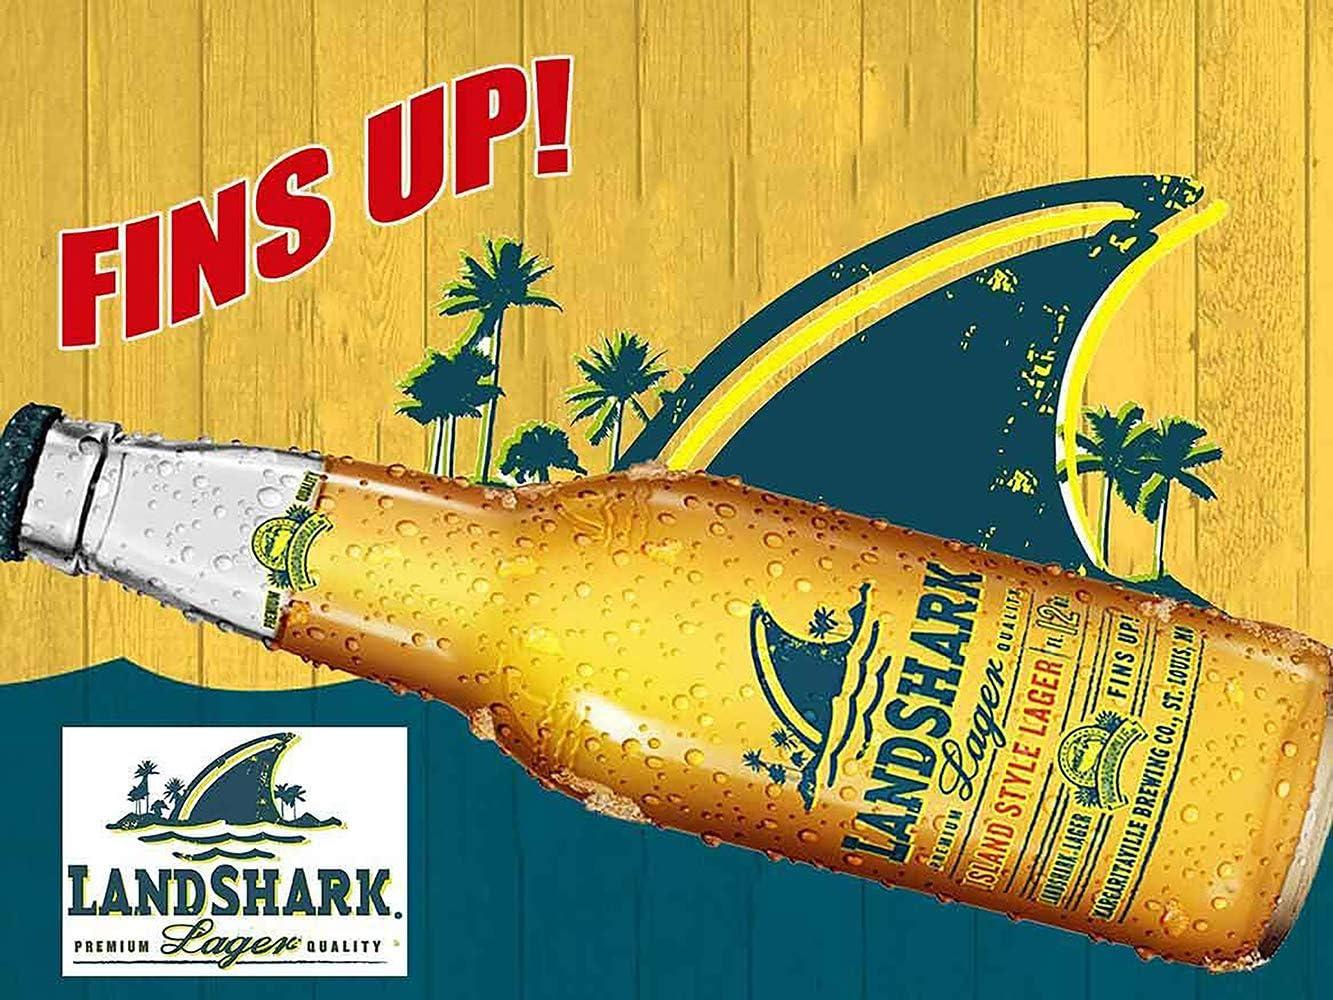 OM Signs Landshark Lager-Fins Up Beer Advertisement Sign